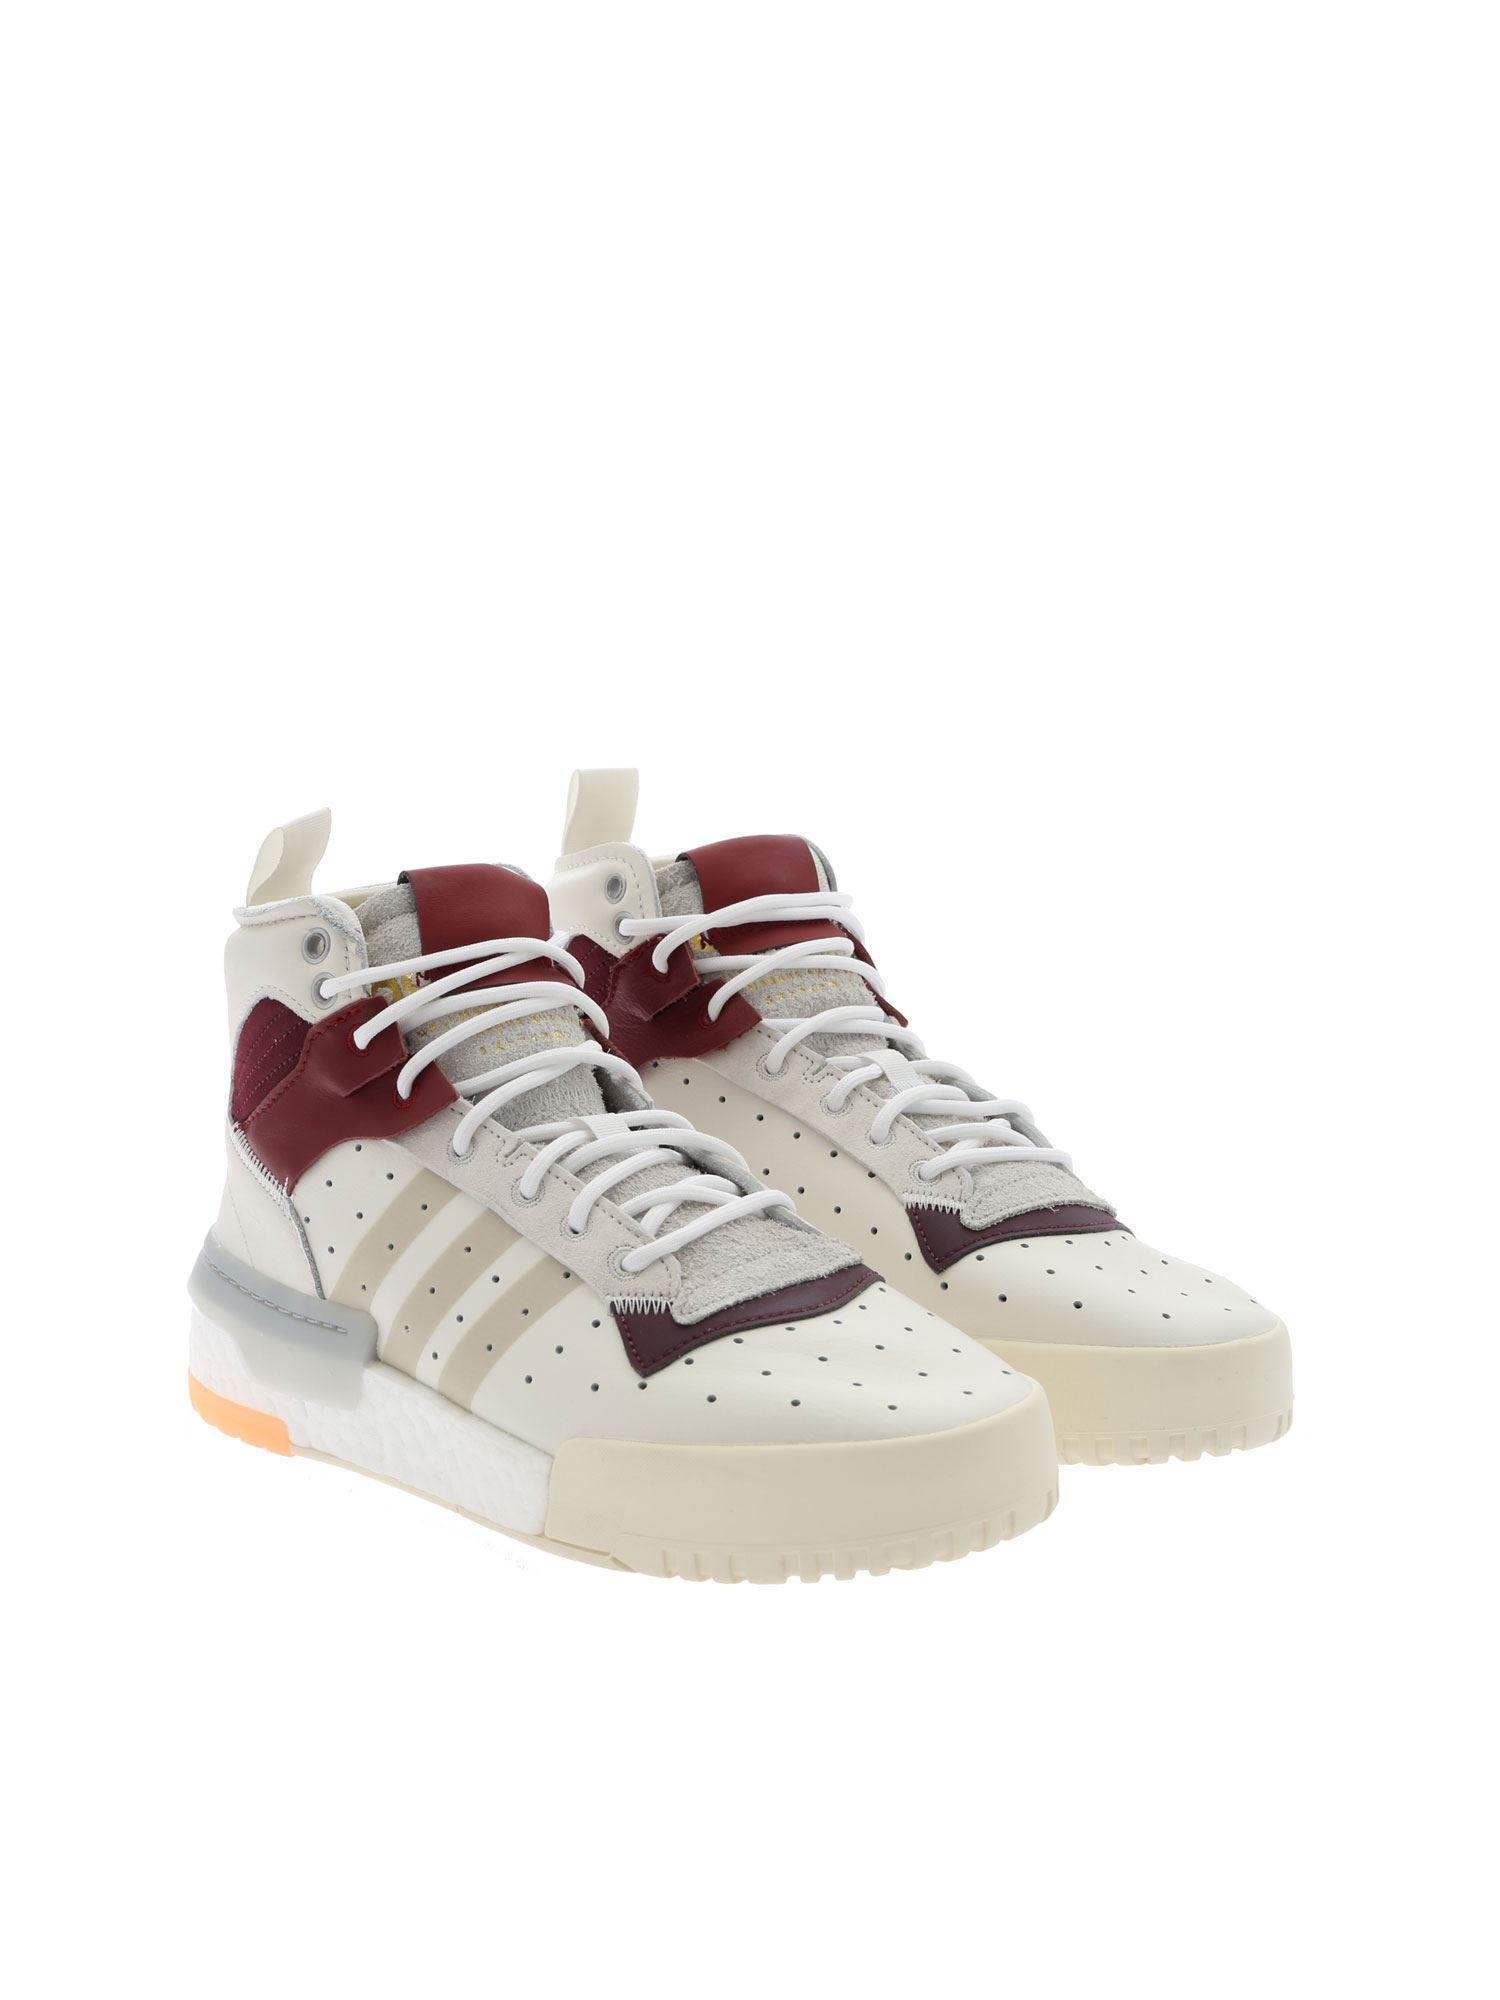 fa0e99ef5b29e Lyst - adidas Originals Rivalry Rm Sneakers In White in White for Men